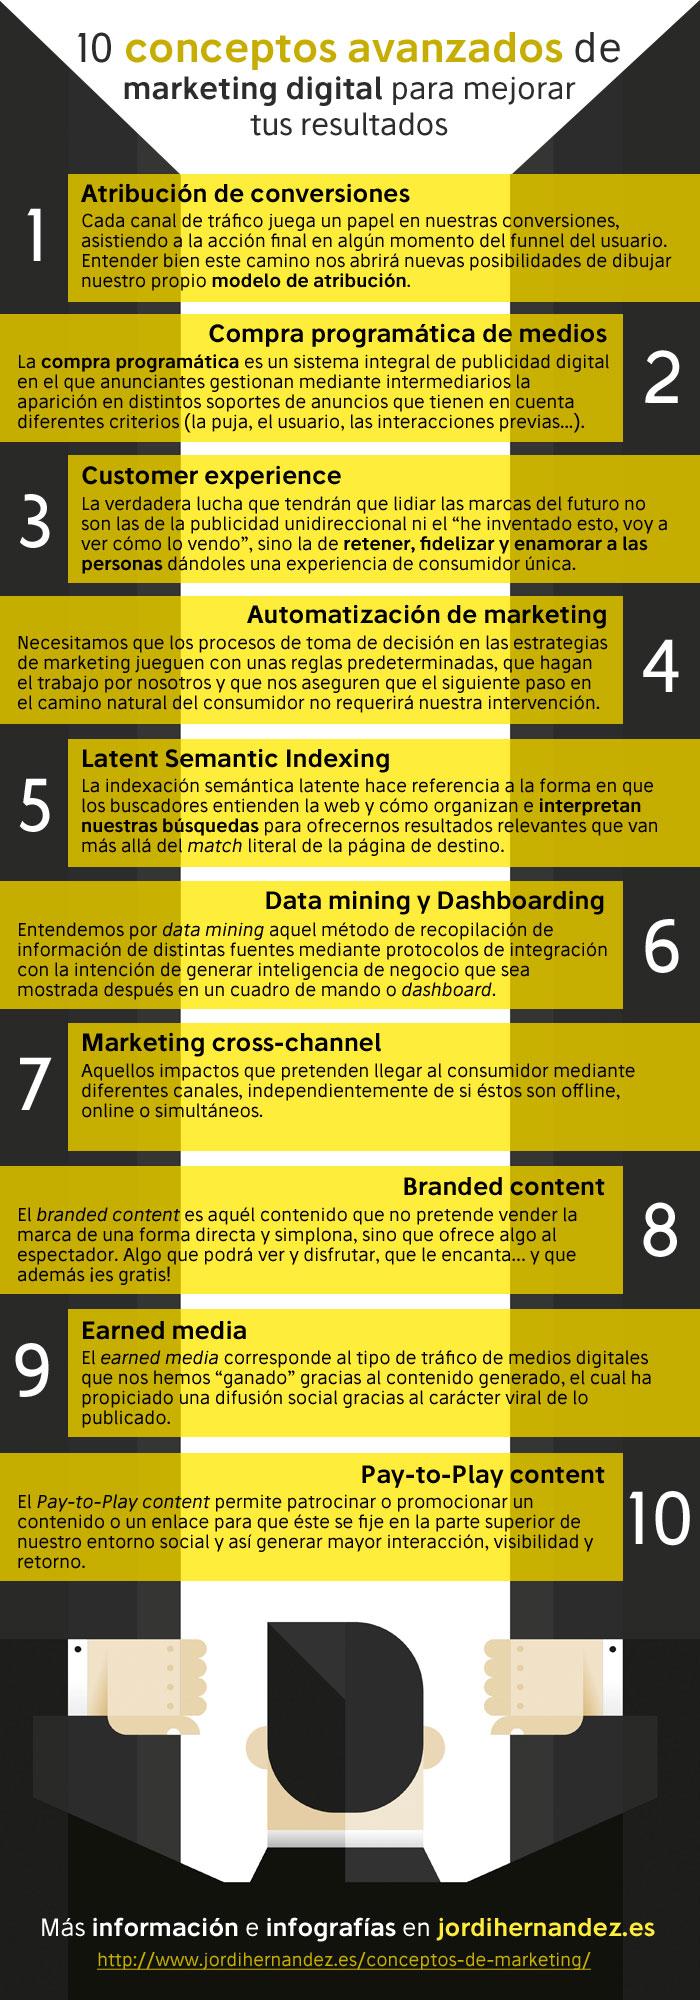 10 conceptos avanzados de Marketing Digital